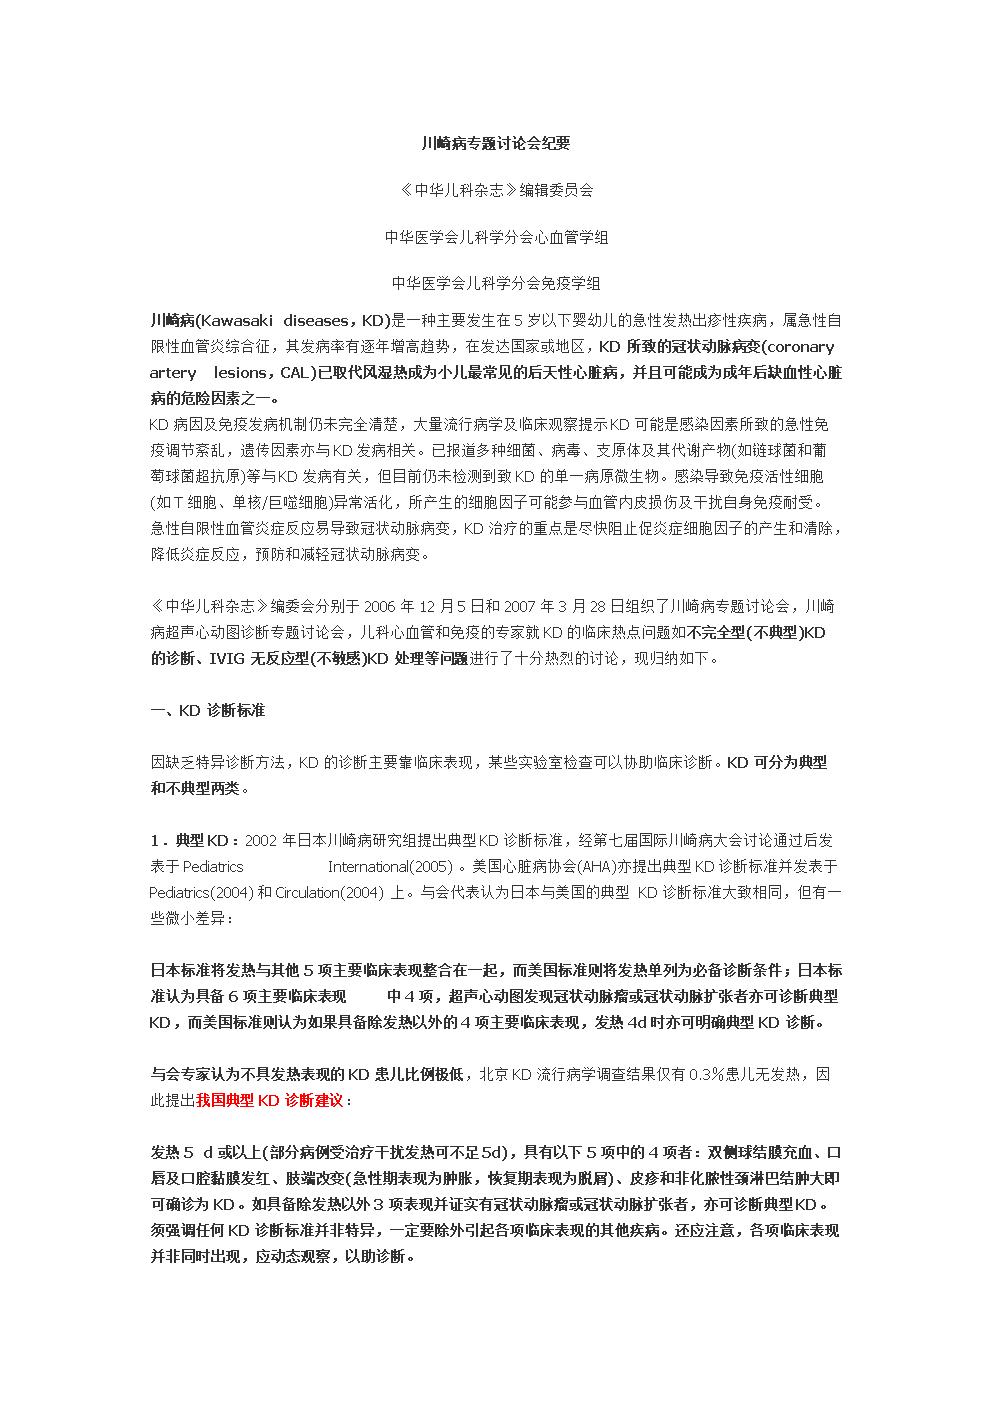 川崎病诊治专家共识(新);.docx